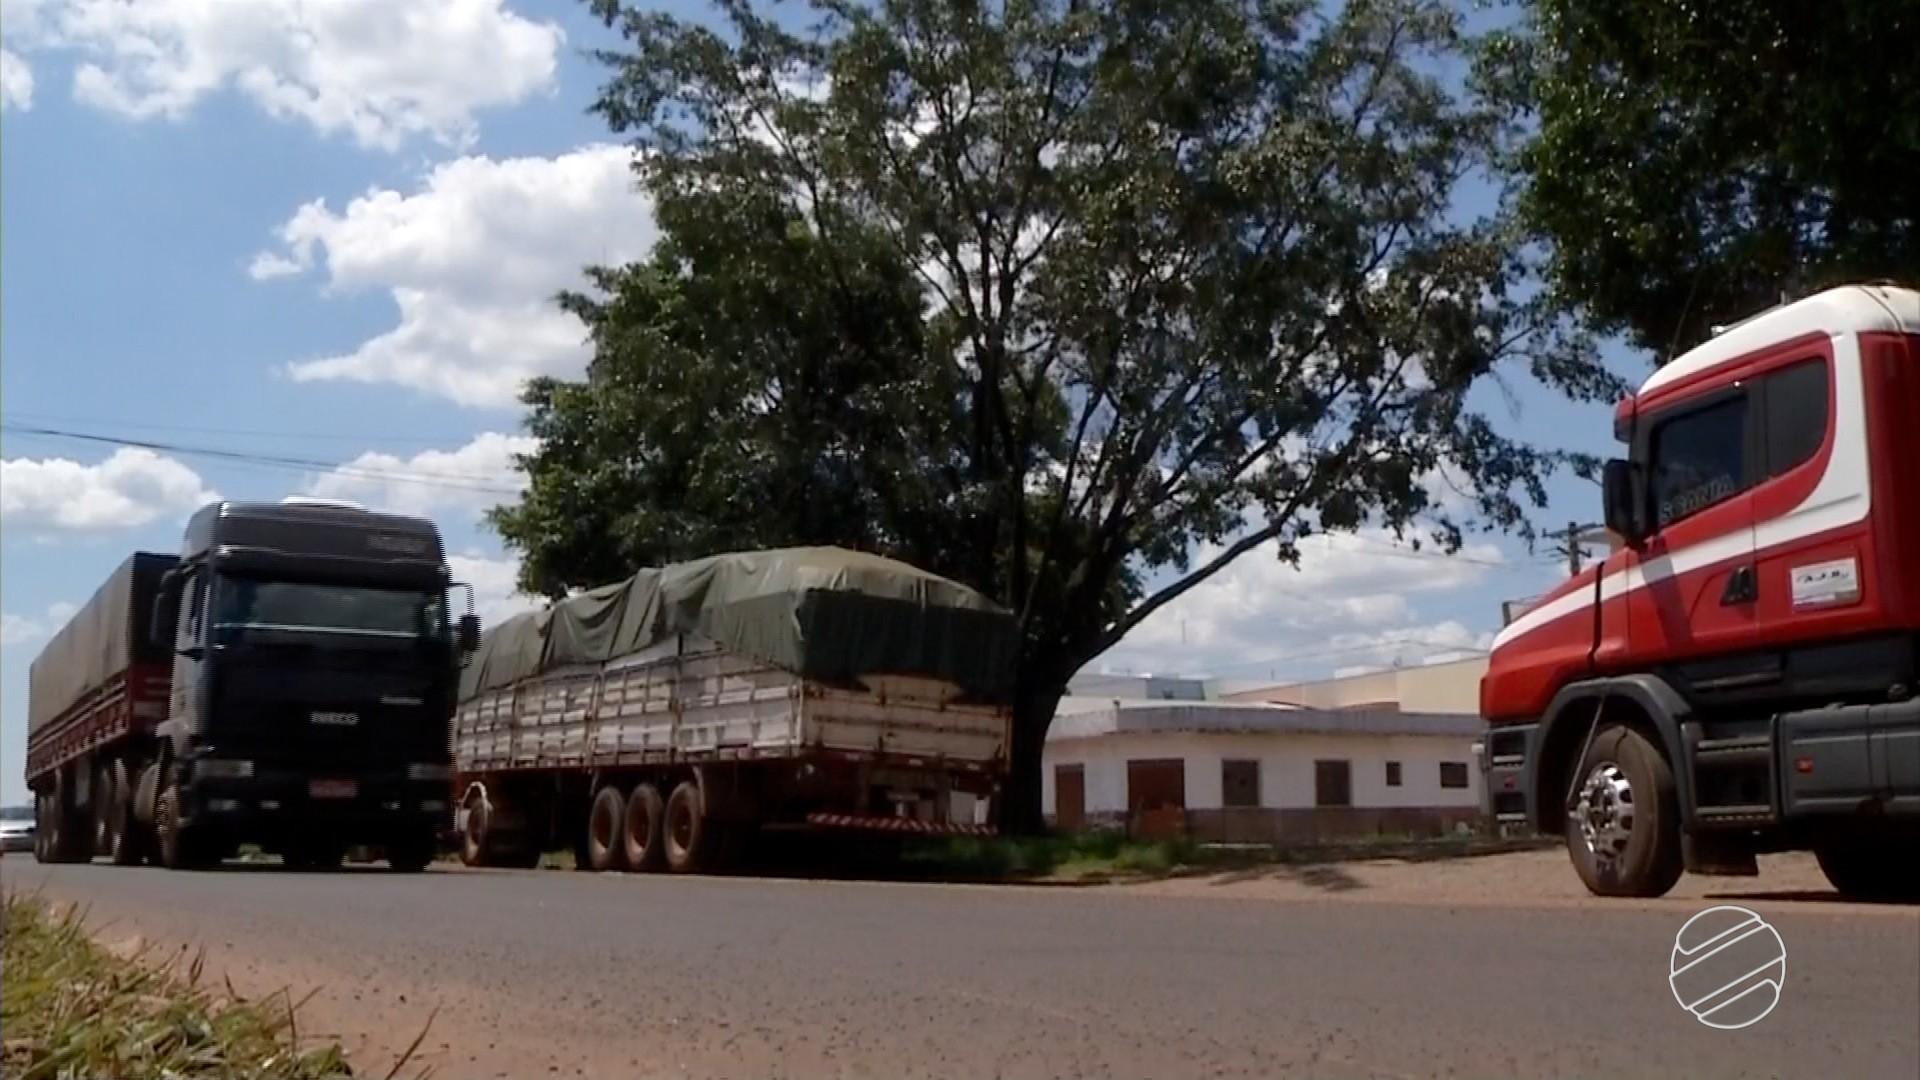 Greve de auditores provoca fila de caminhões em MS, na fronteira Brasil - Paraguai